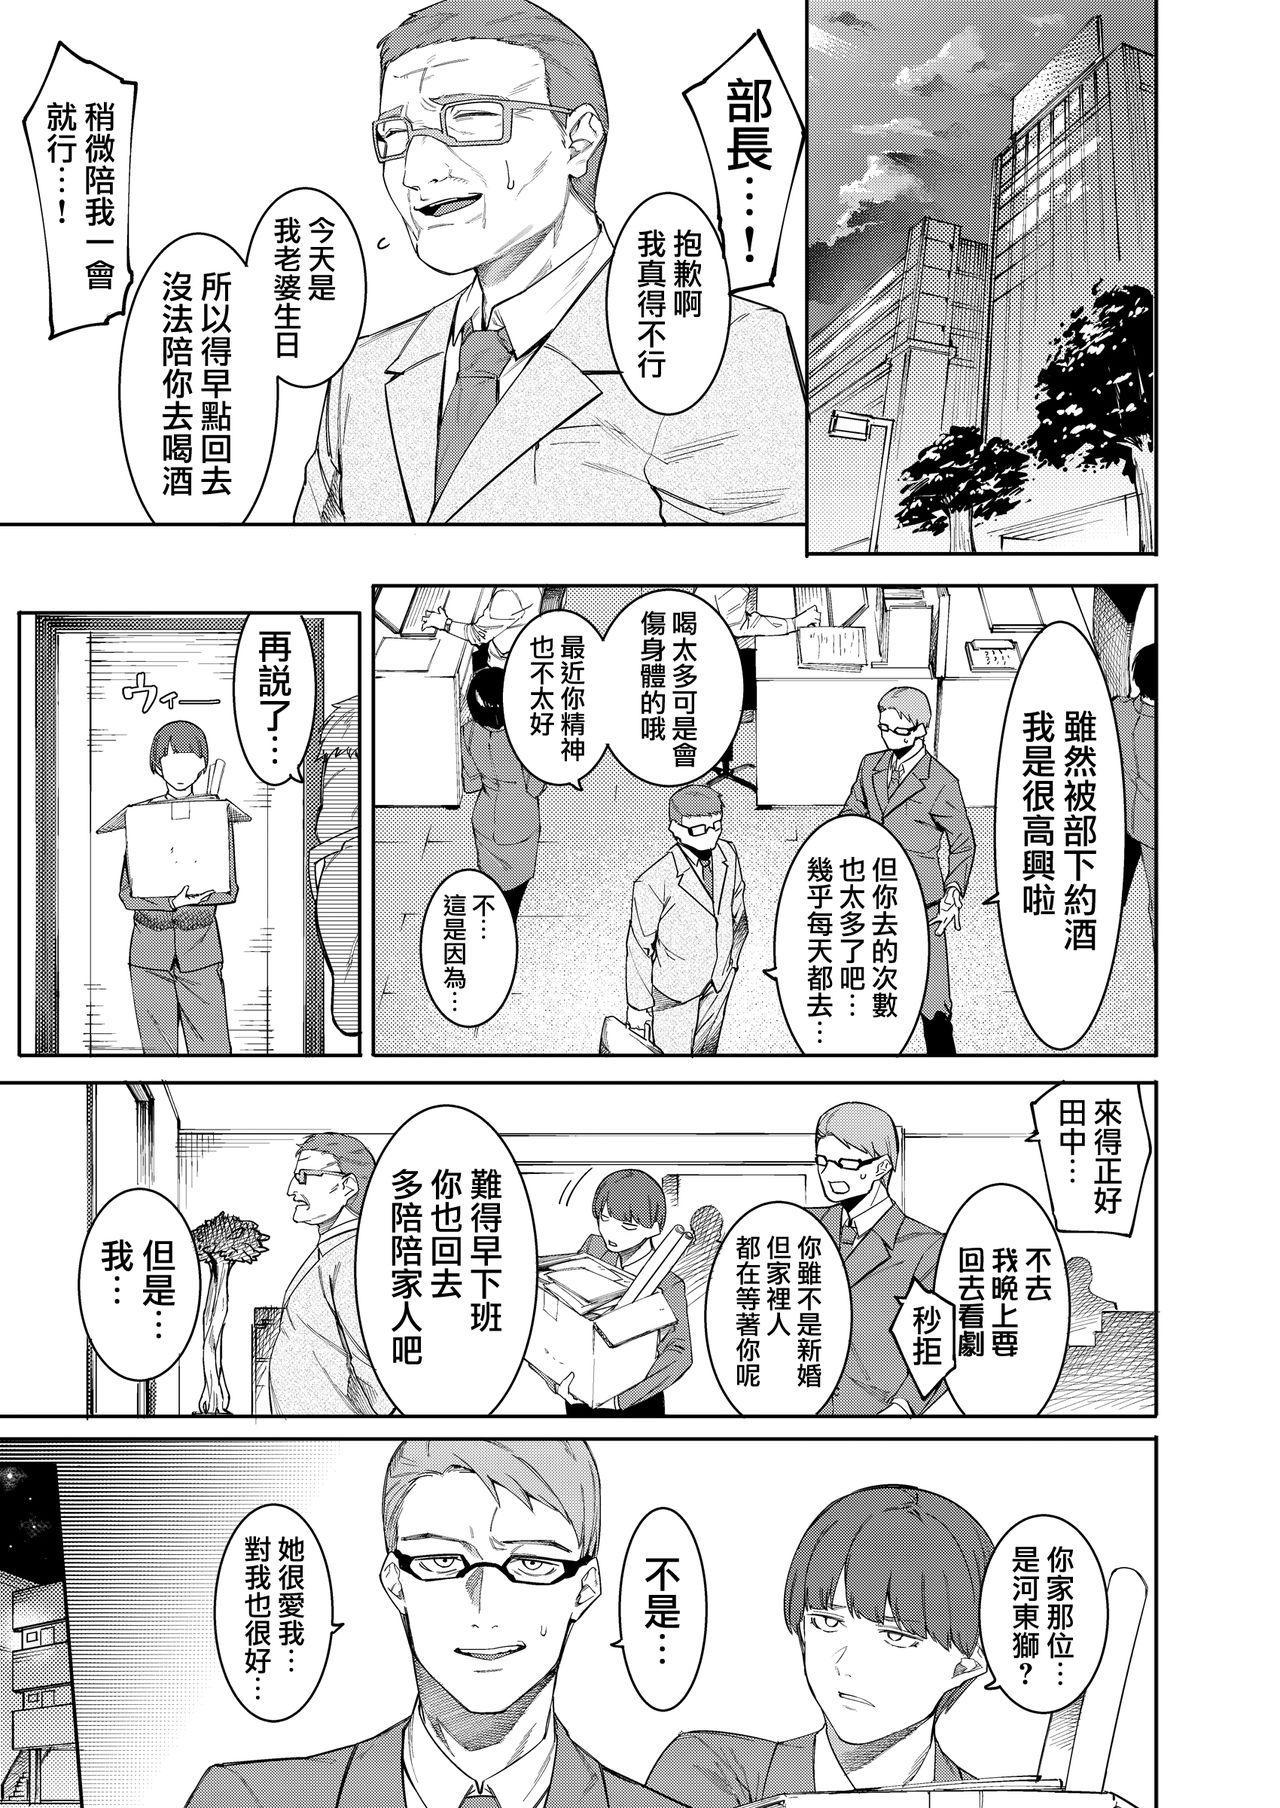 [Suinose (Menea the Dog)] Midara Sugiru Bijin na Oku-sama -act.1- [Chinese] [無邪気漢化組] 1